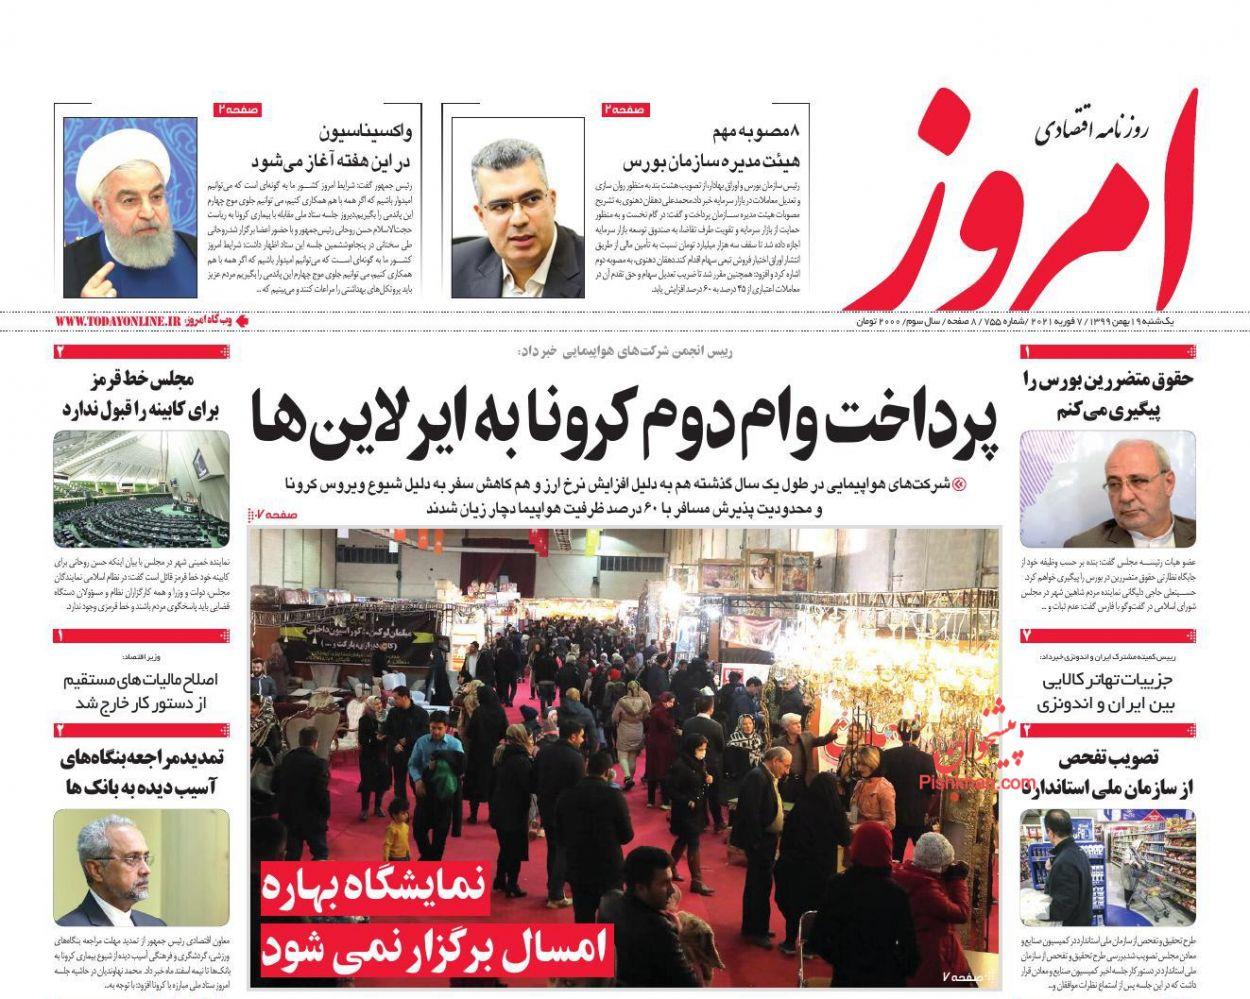 عناوین اخبار روزنامه امروز در روز یکشنبه ۱۹ بهمن